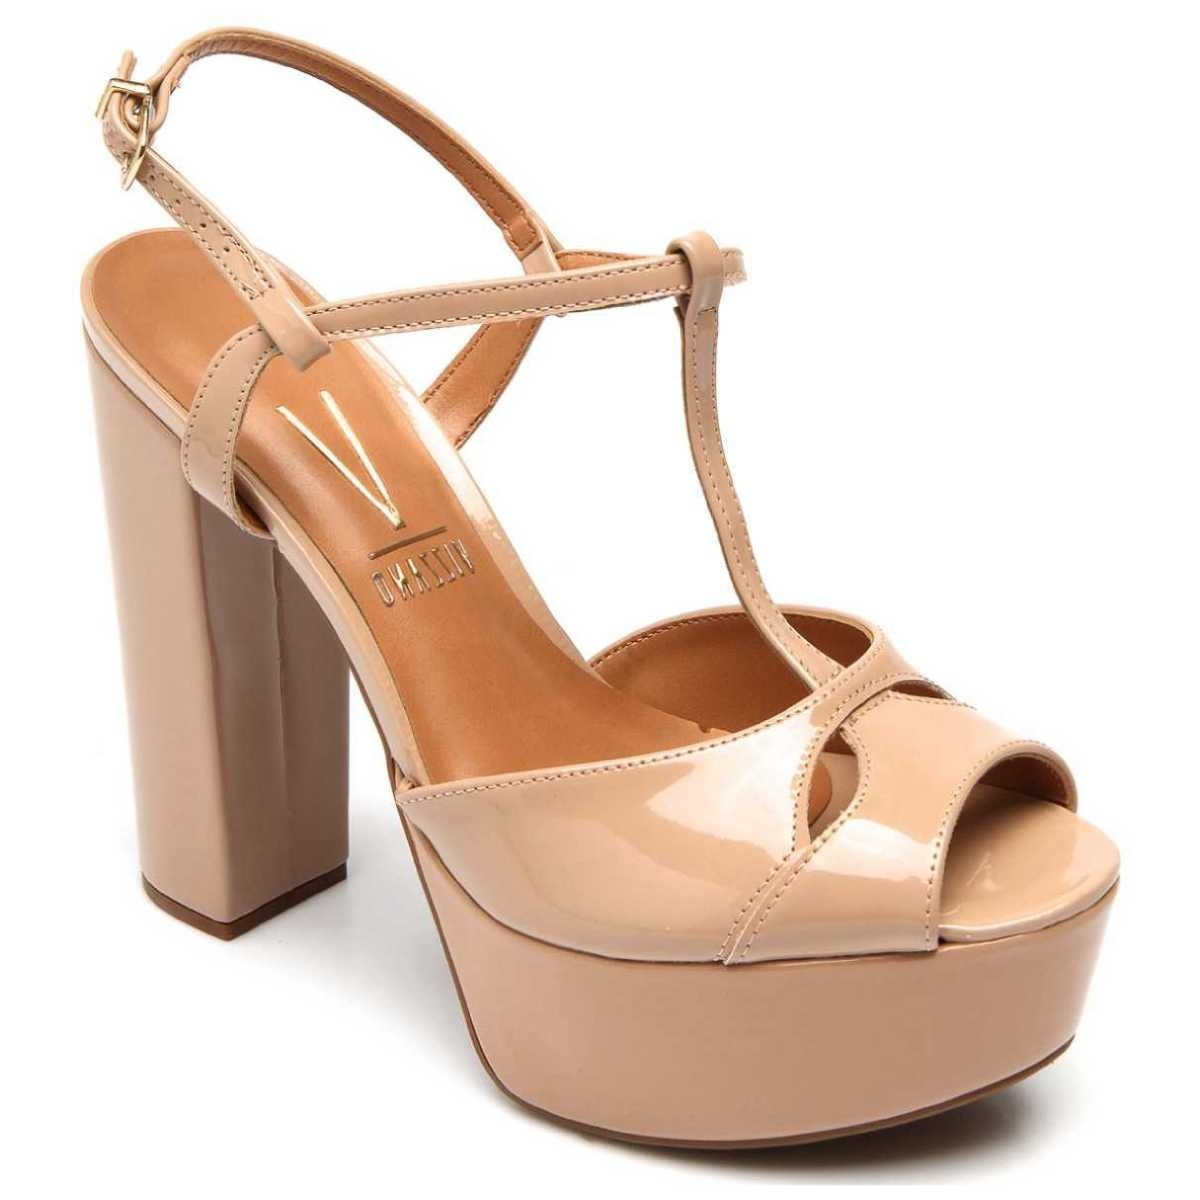 8c89c8a68 sandália feminina bege tira salomé vizzano - frete grátis. Carregando zoom.